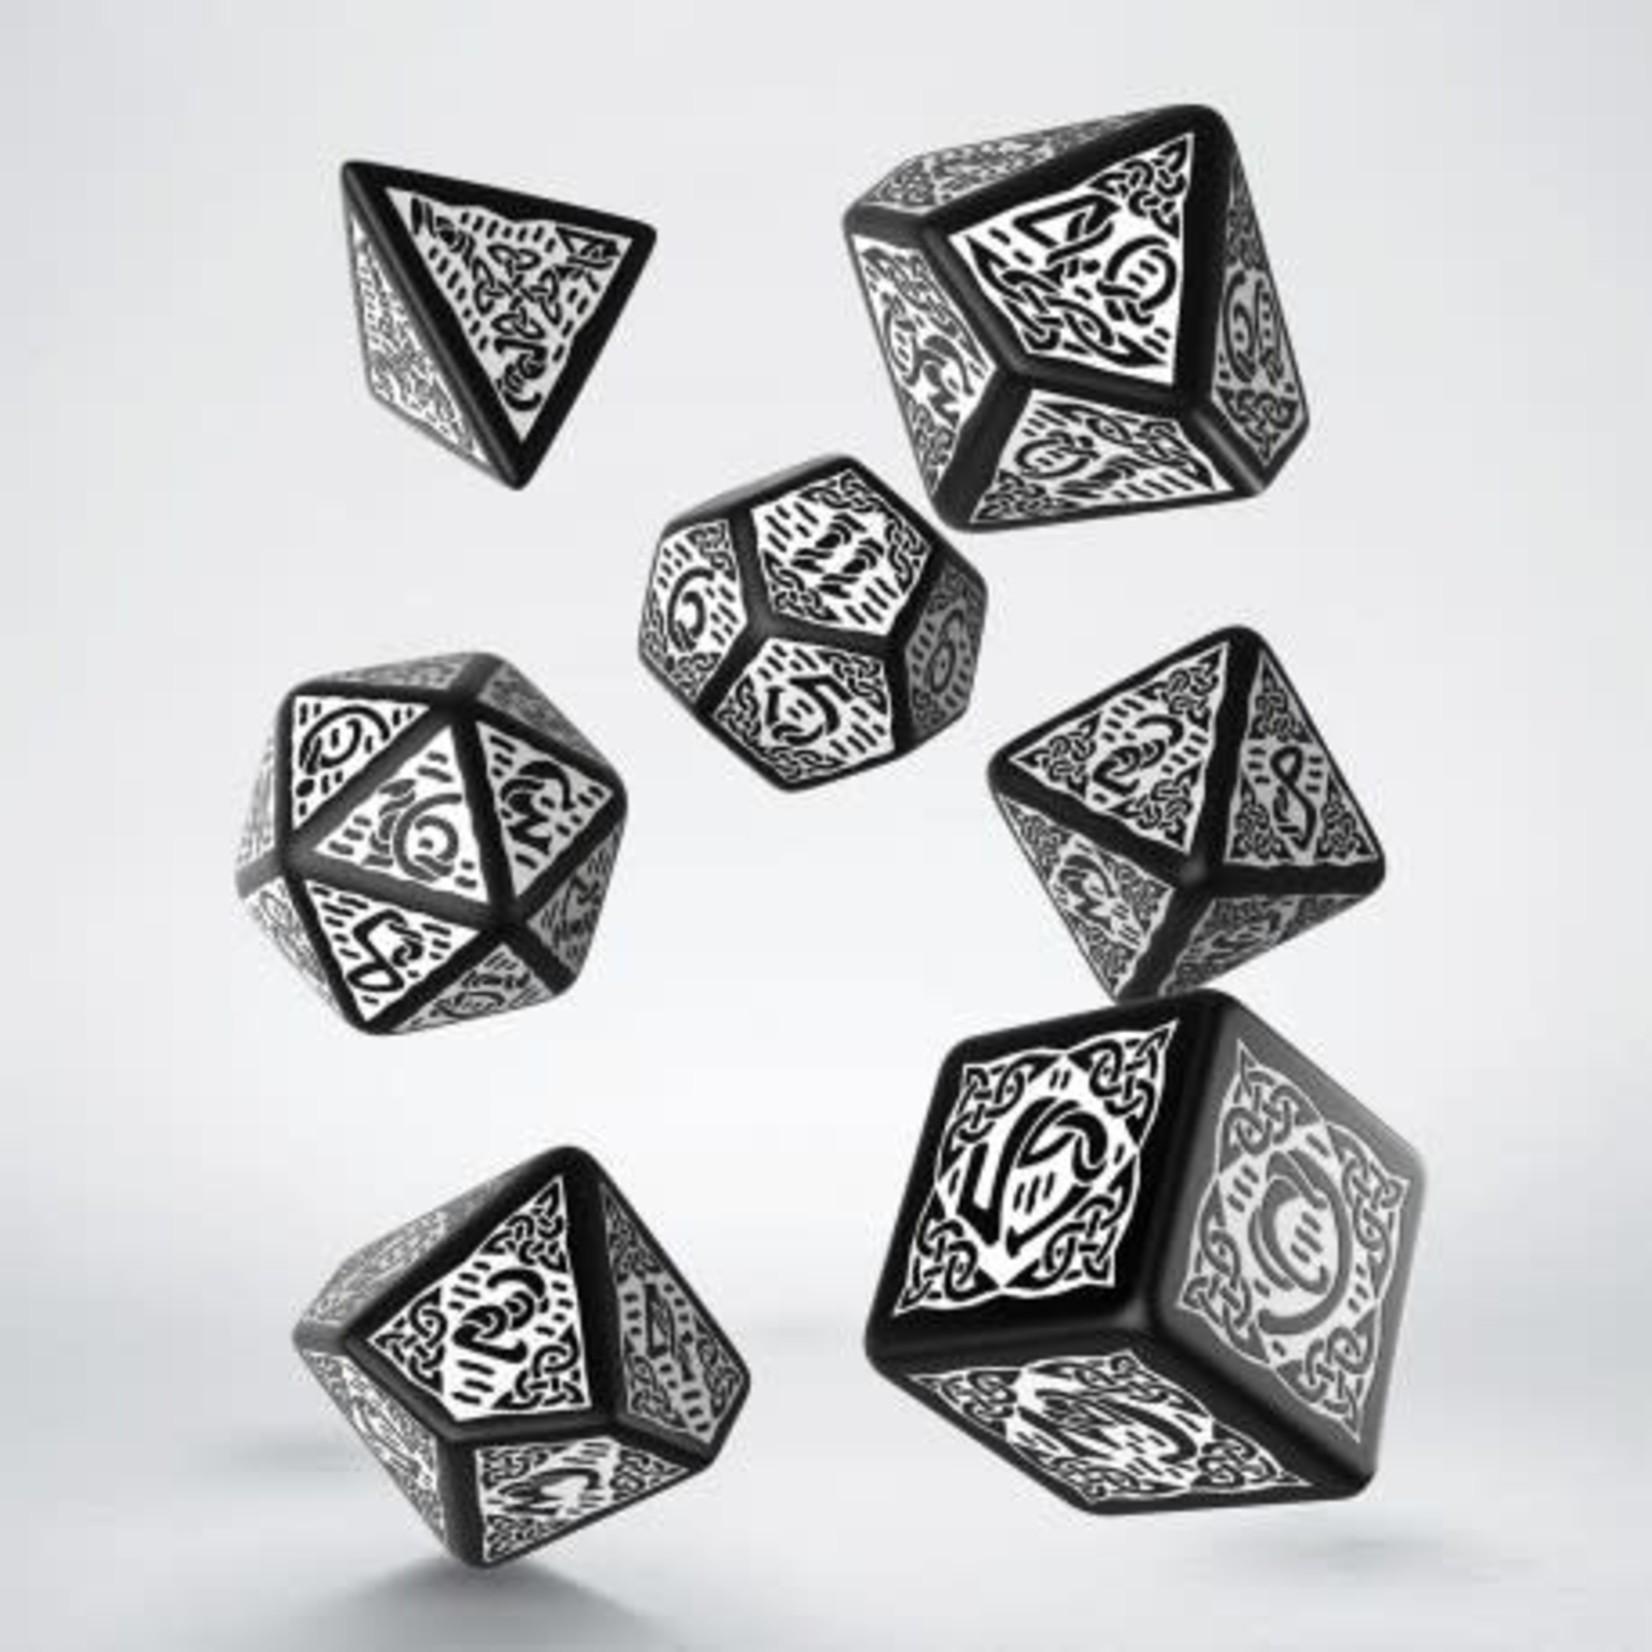 Q Workshop Q Workshop Celtic Black/White dice set